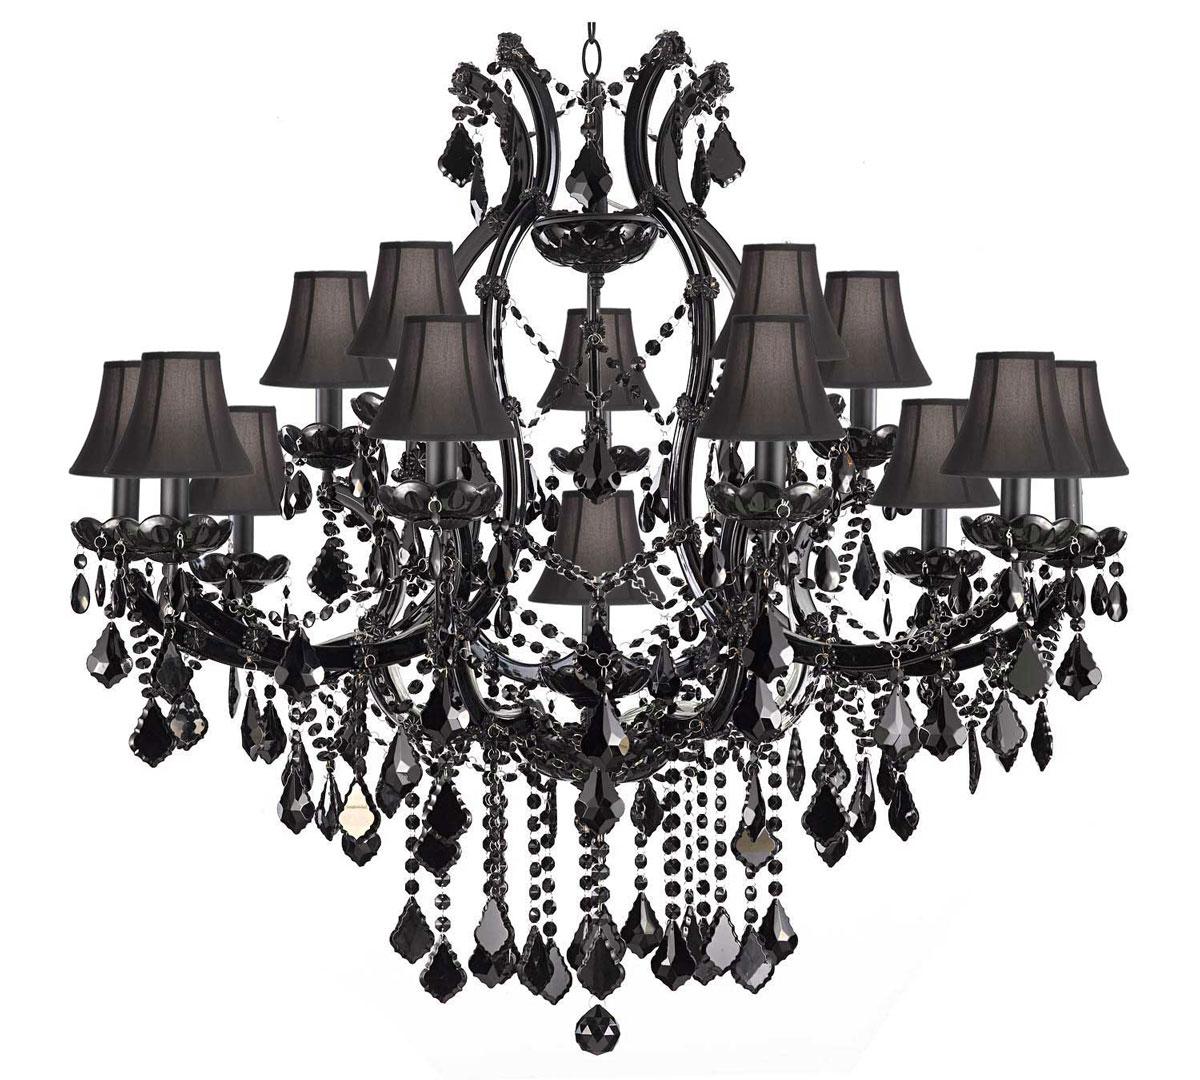 Duży, stylowy, krysztalowy żyrandol z czarnych krysztalkow